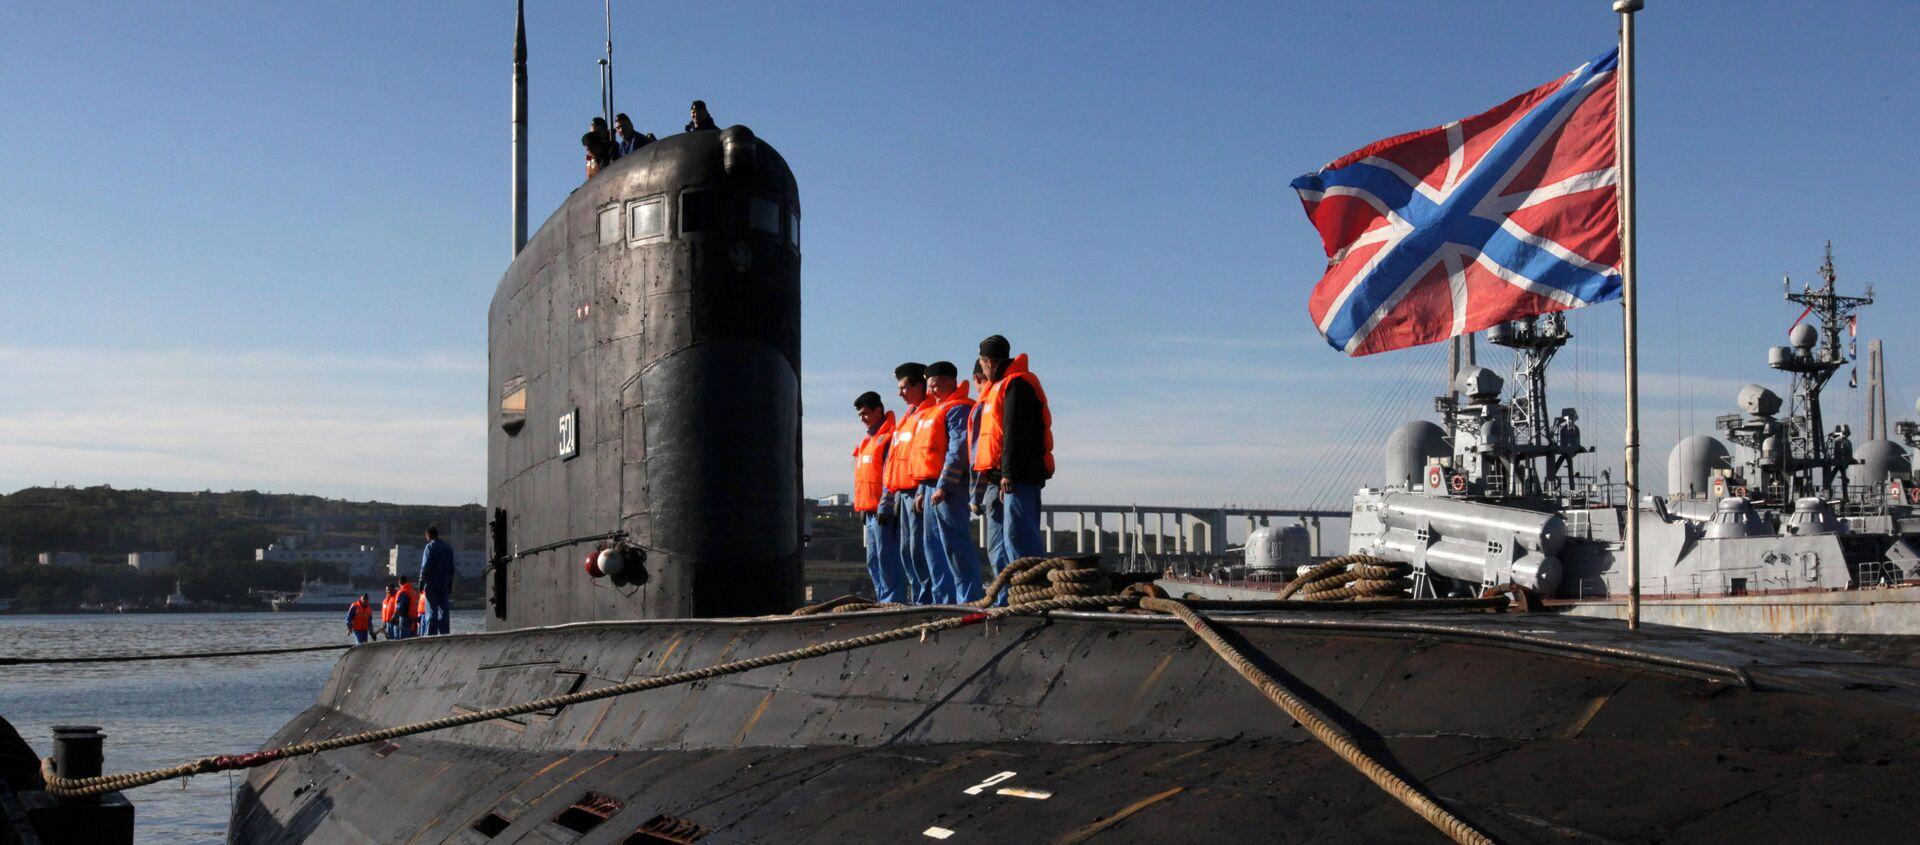 """Wielozadaniowy okręt podwodny o napędzie dieslowym projektu 636 """"Warszawianka"""" (w kodzie NATO """"Improved Kilo"""") - Sputnik Polska, 1920, 09.11.2019"""